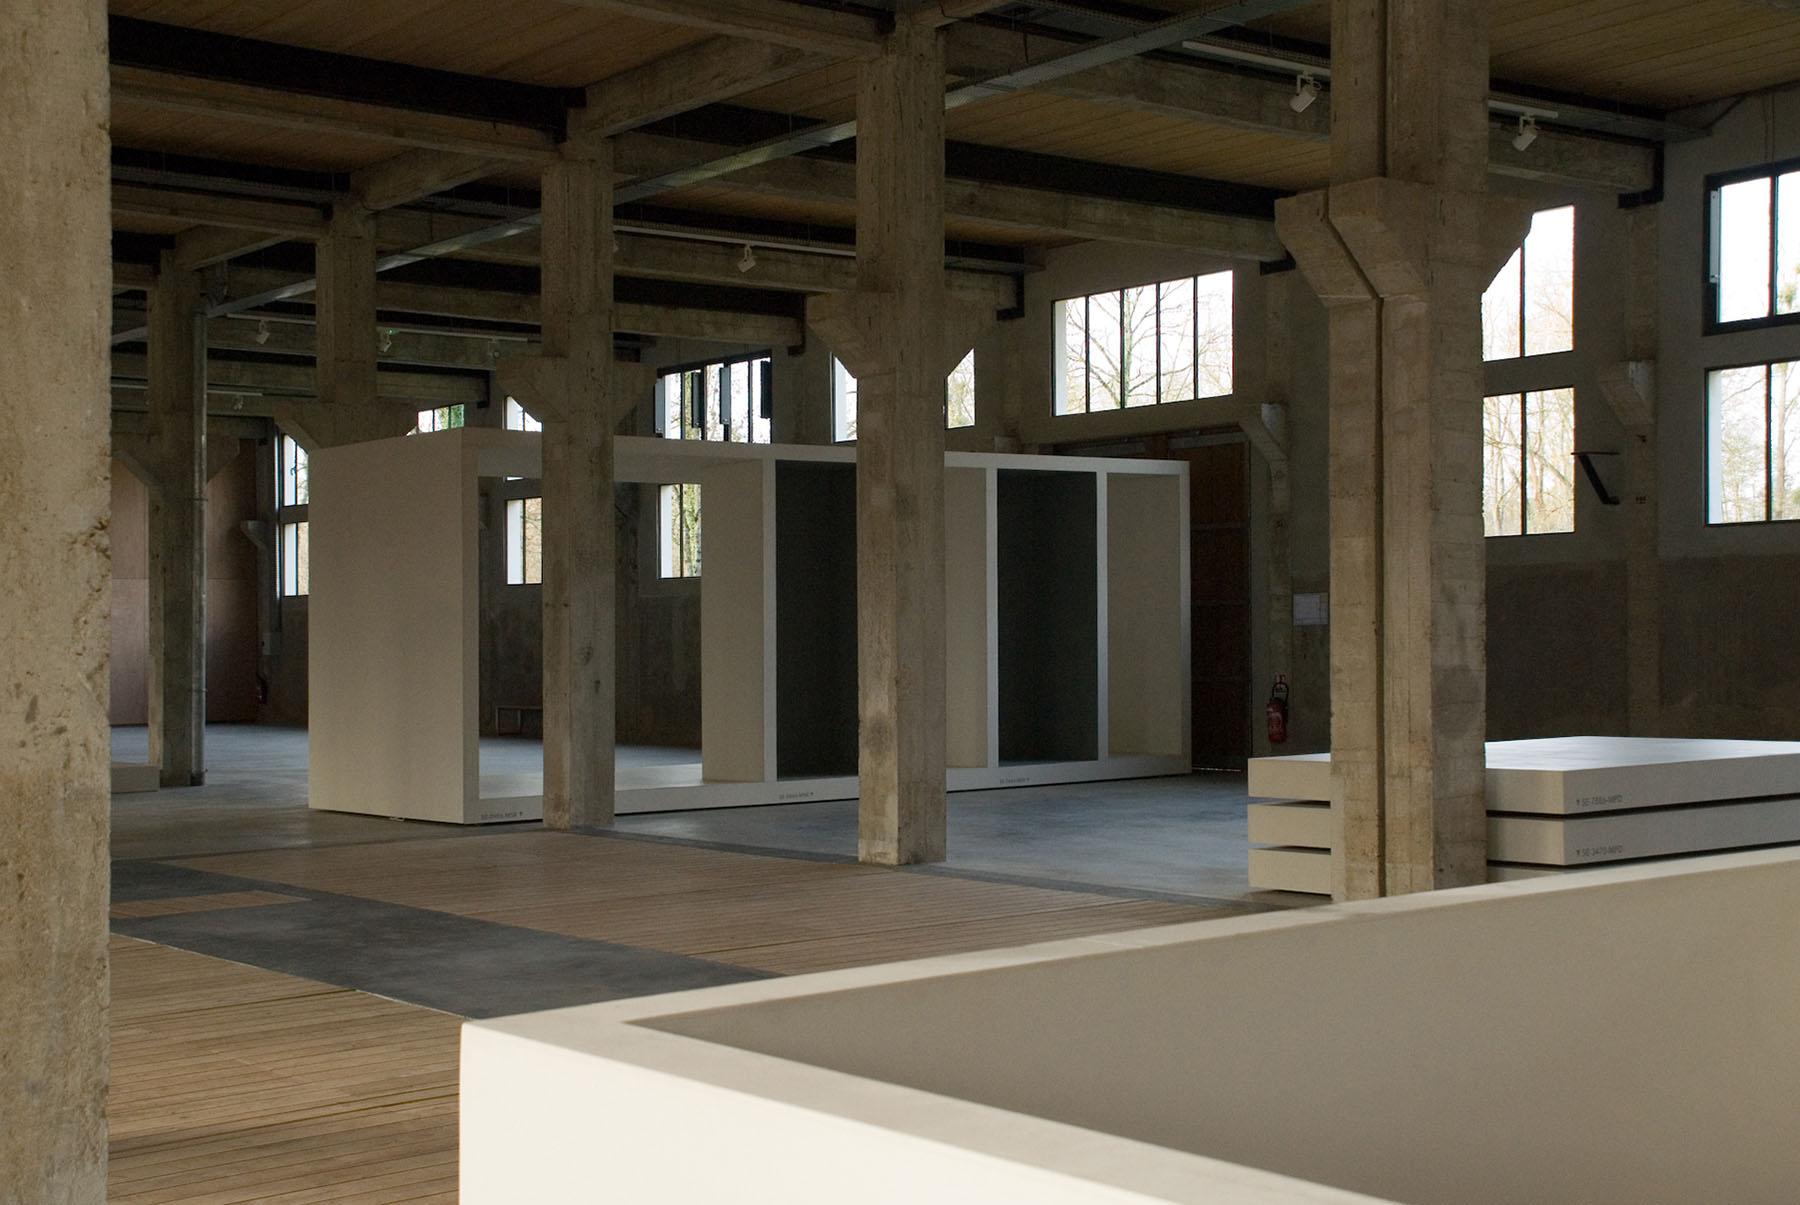 Amilly. Der belgische Künstler Wesley Meuris war erster Stipendiat des Artist-in-Residence Programms in diesem Jahr.